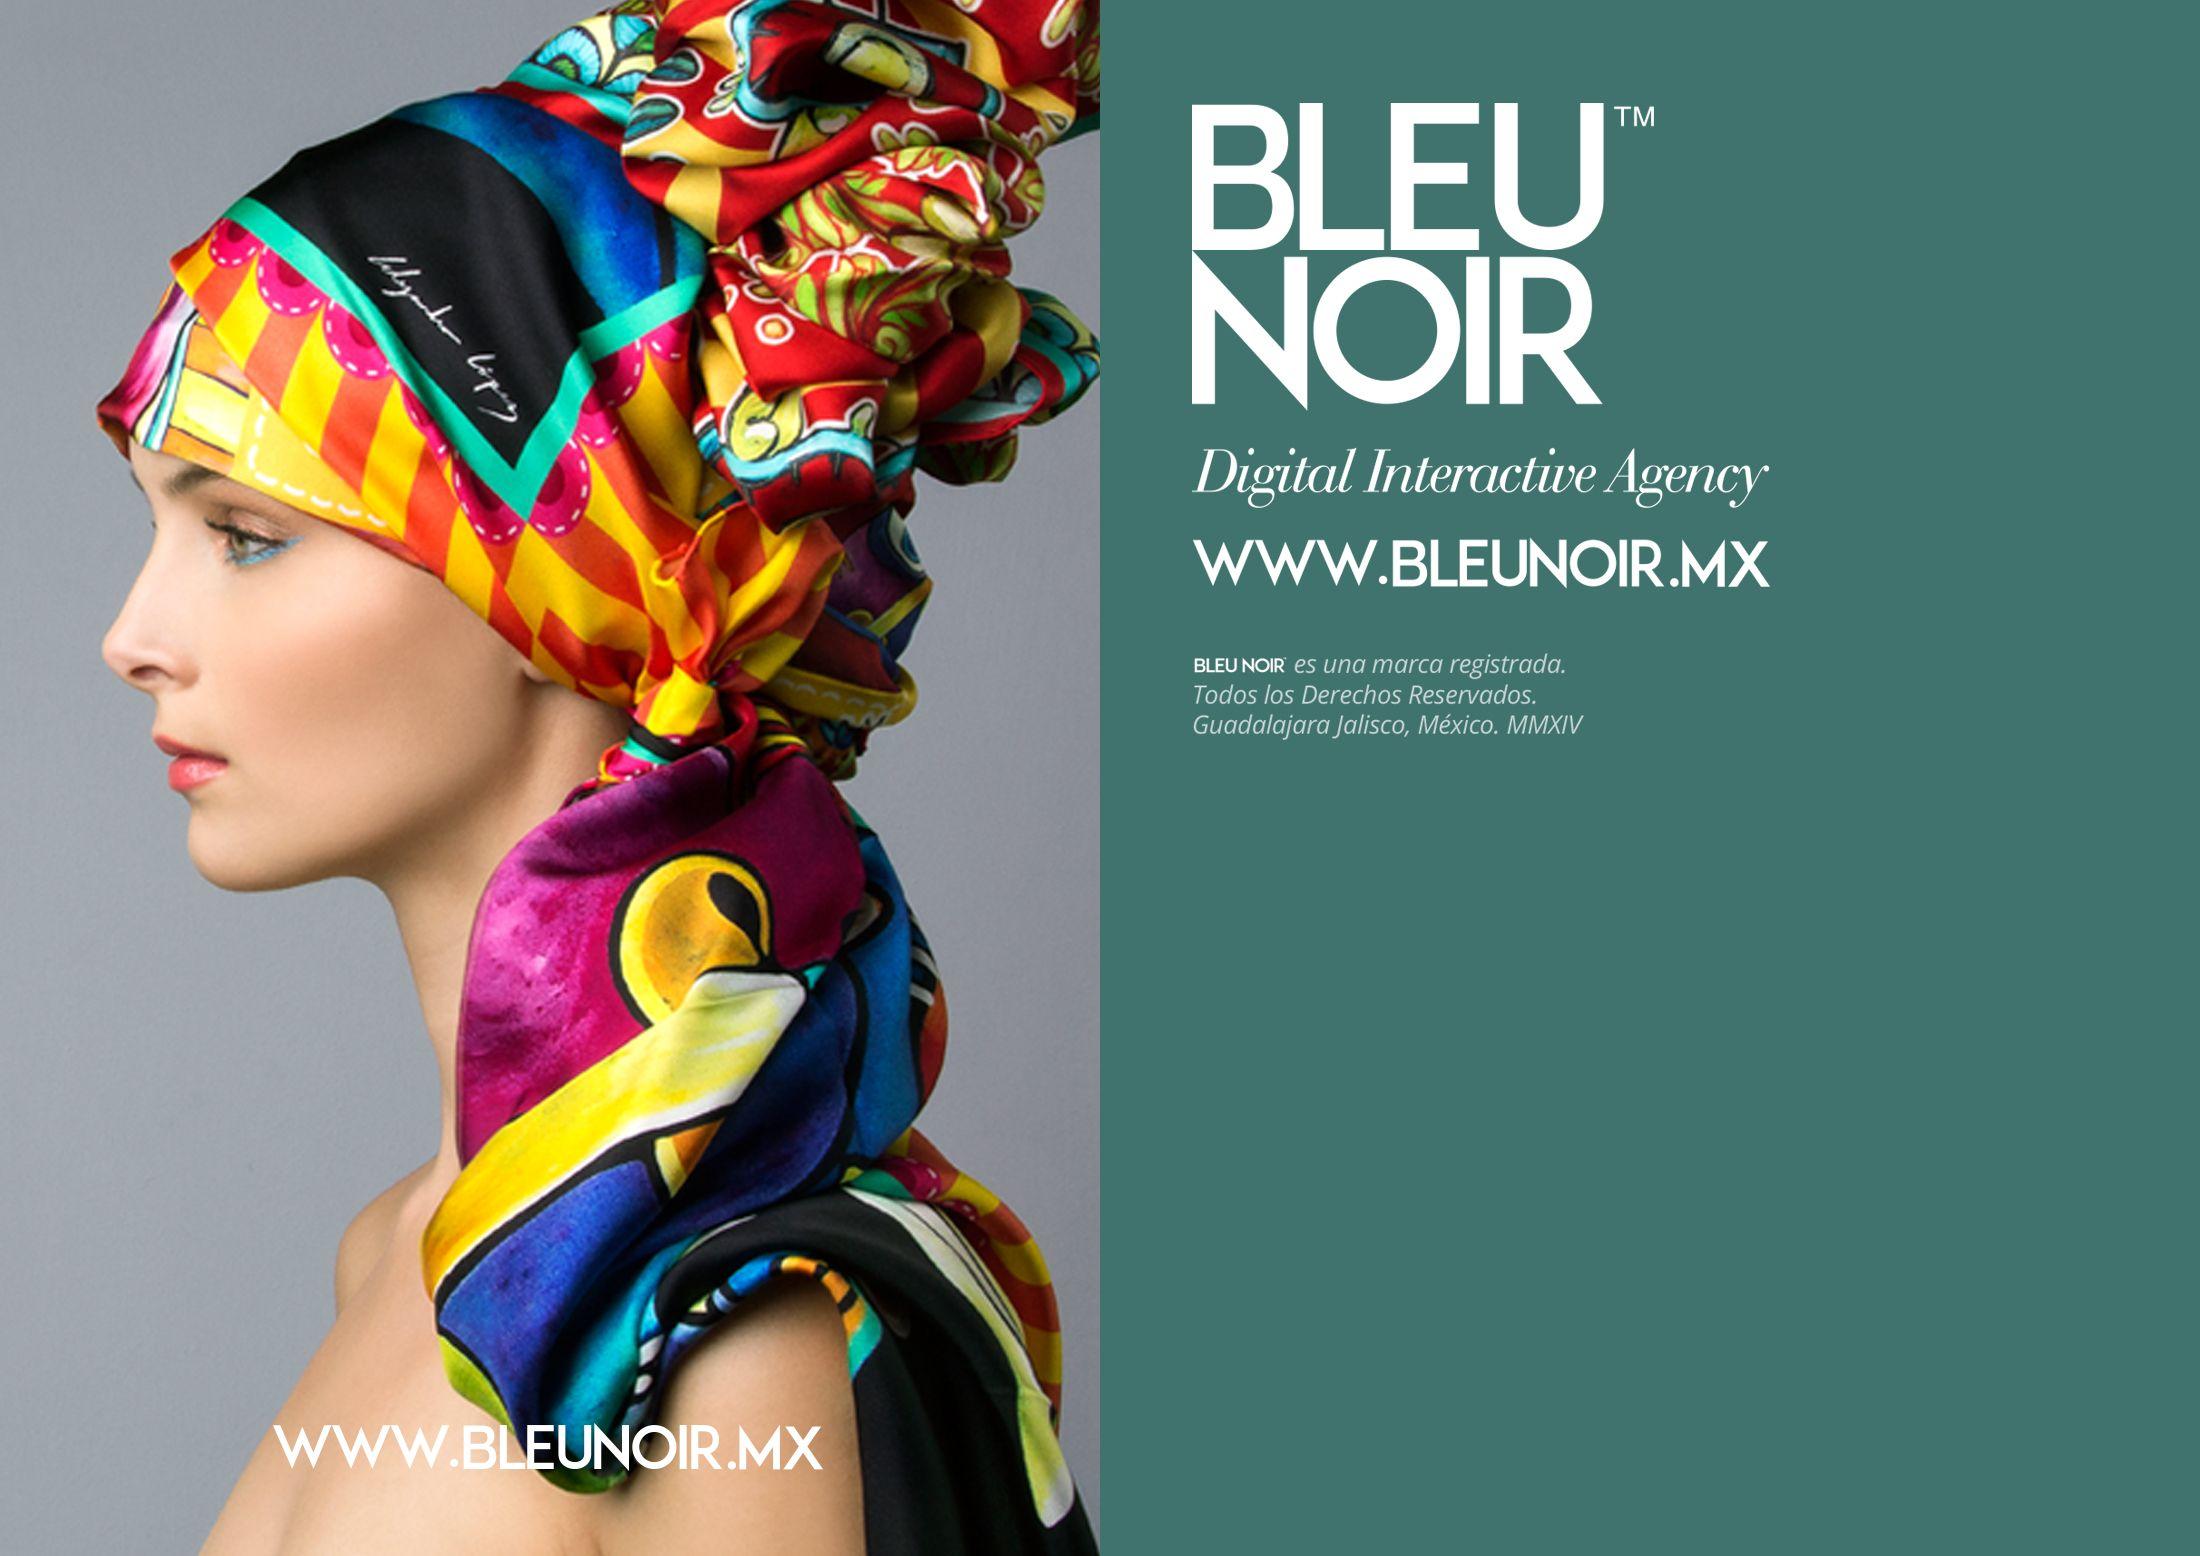 Bleu Noir Digital Interactive Agency. Portfolio / Beauty 2014-2015 Armando González López. Todos los derechos Reservados.